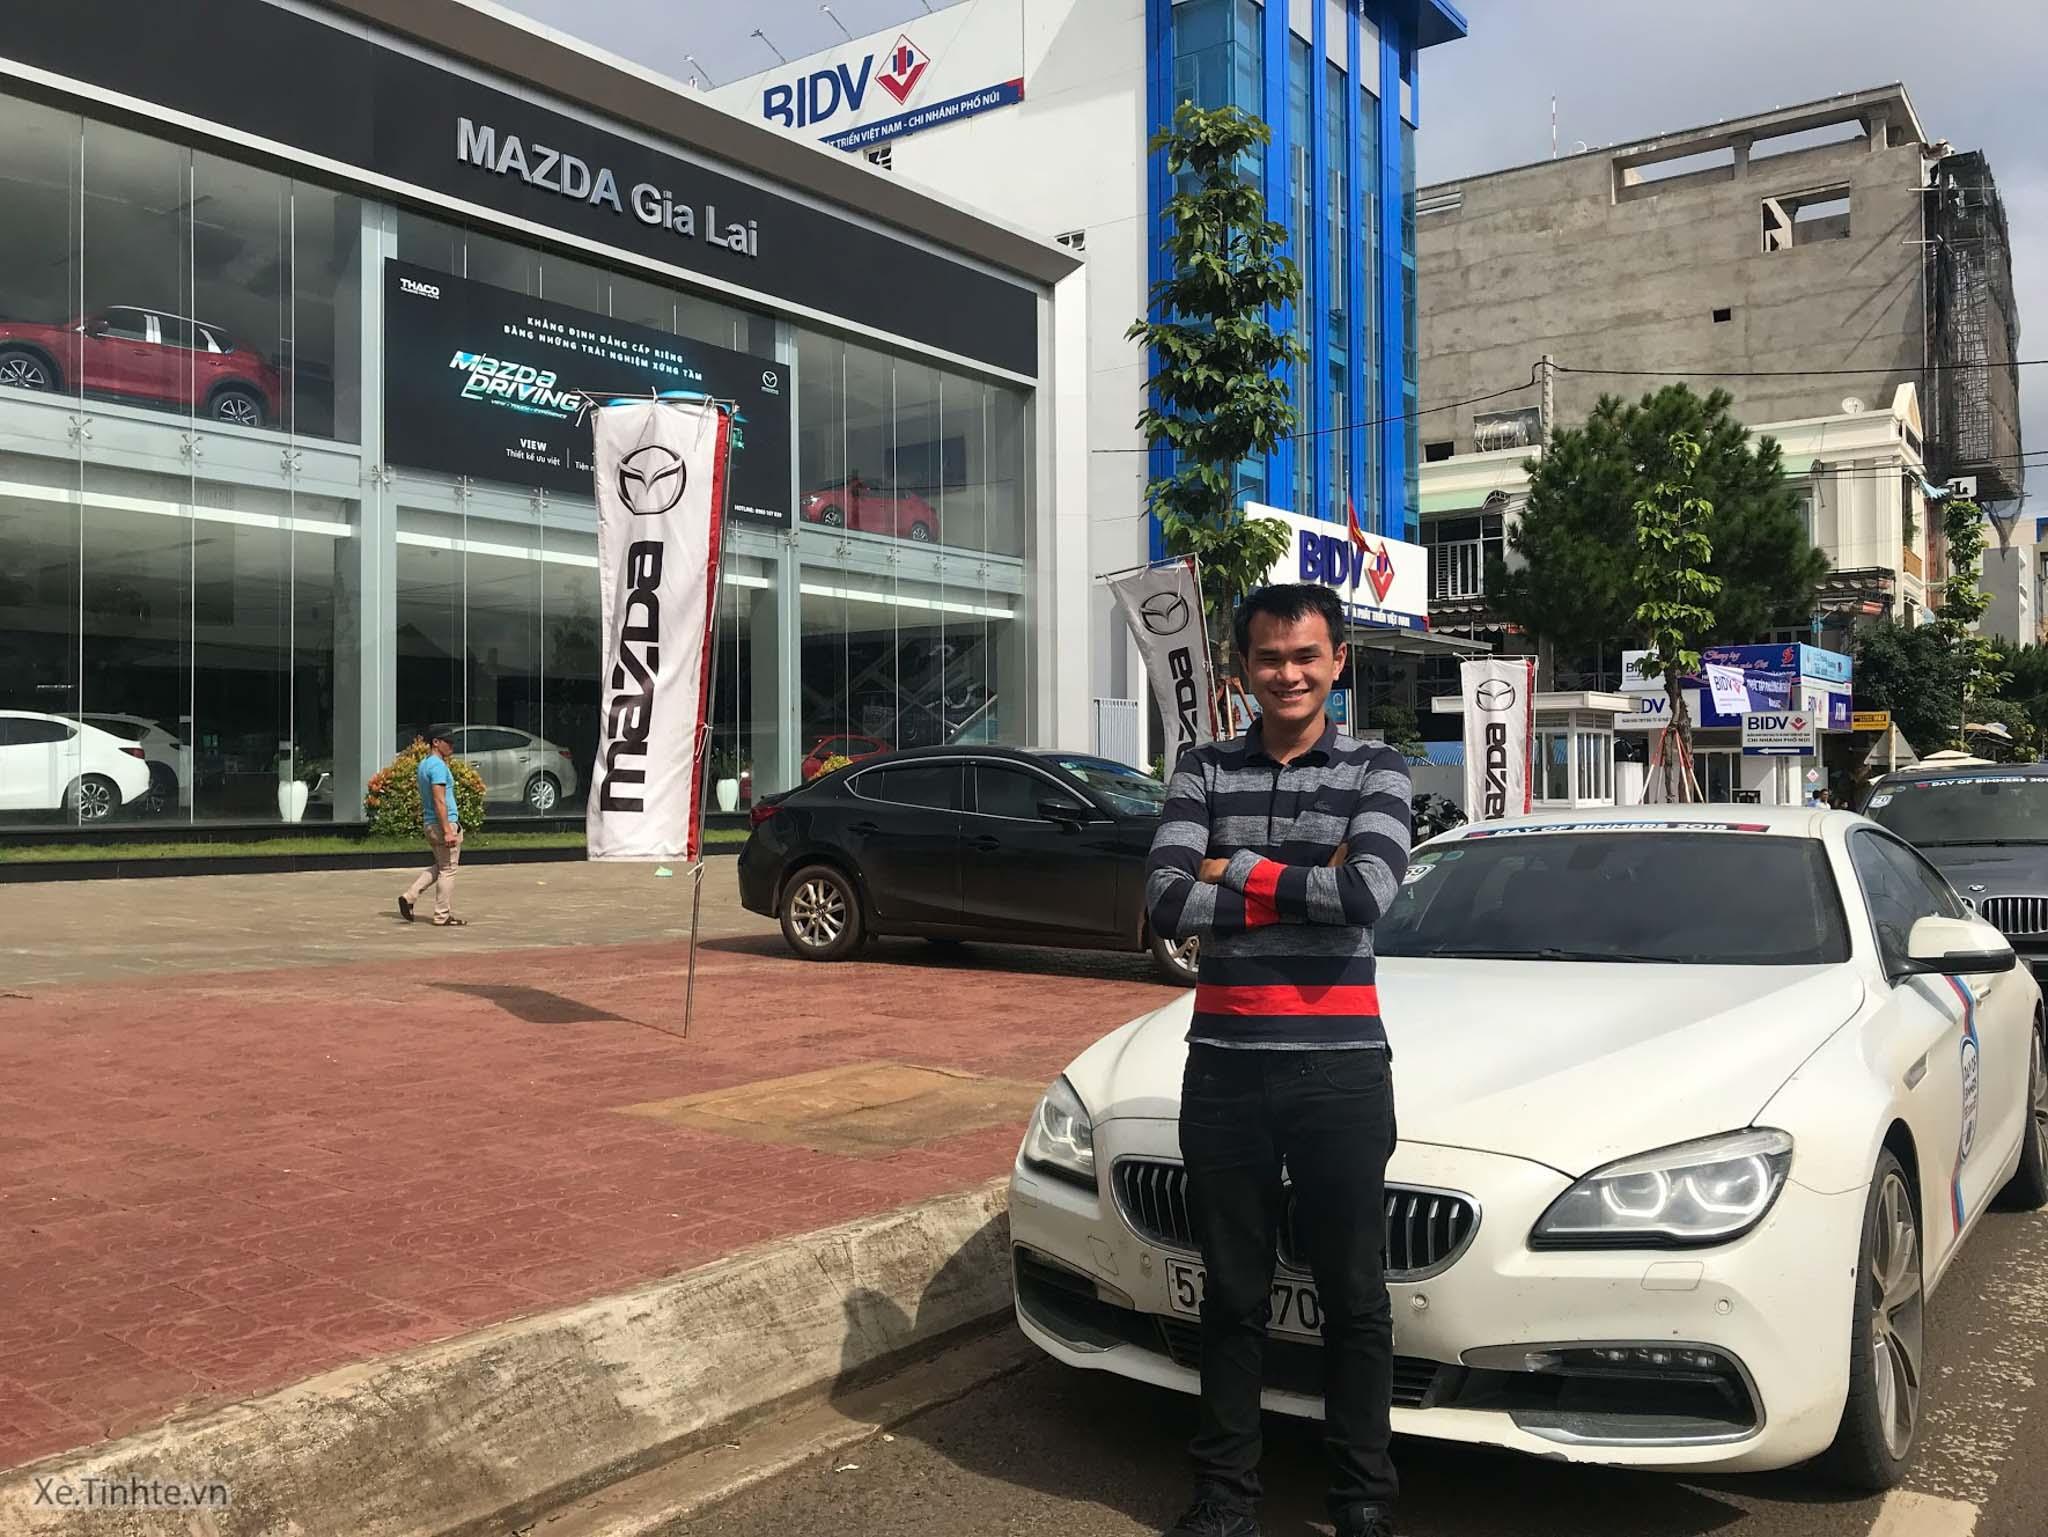 BMW_Xe.tinhte.vn-2397.jpg